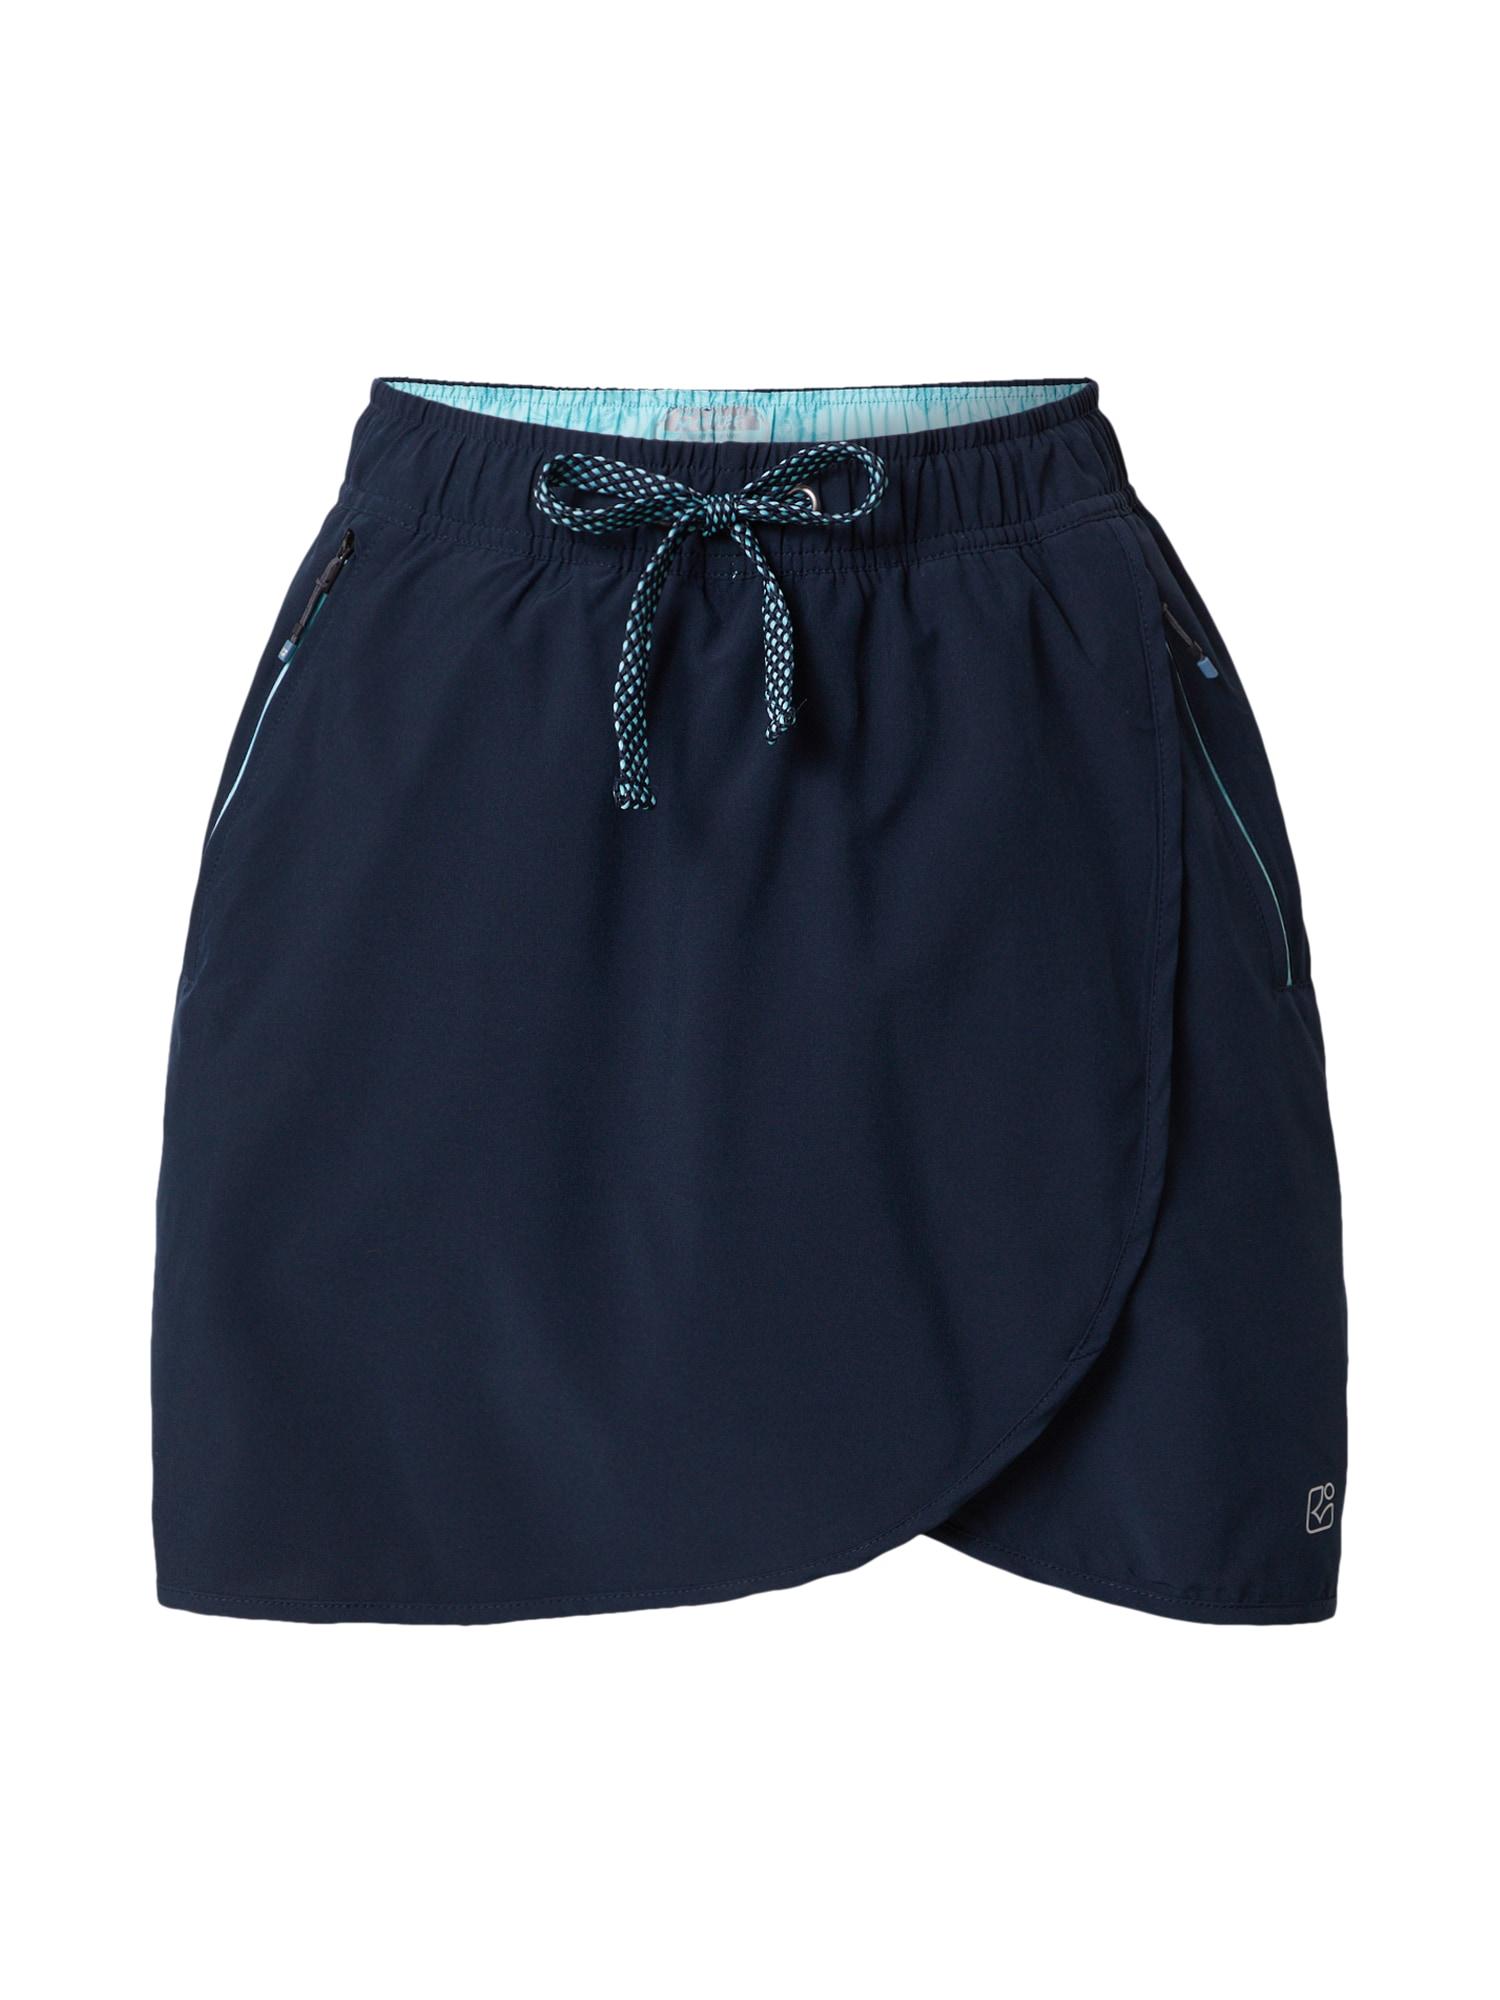 KILLTEC Sportovní sukně 'Zebru'  námořnická modř